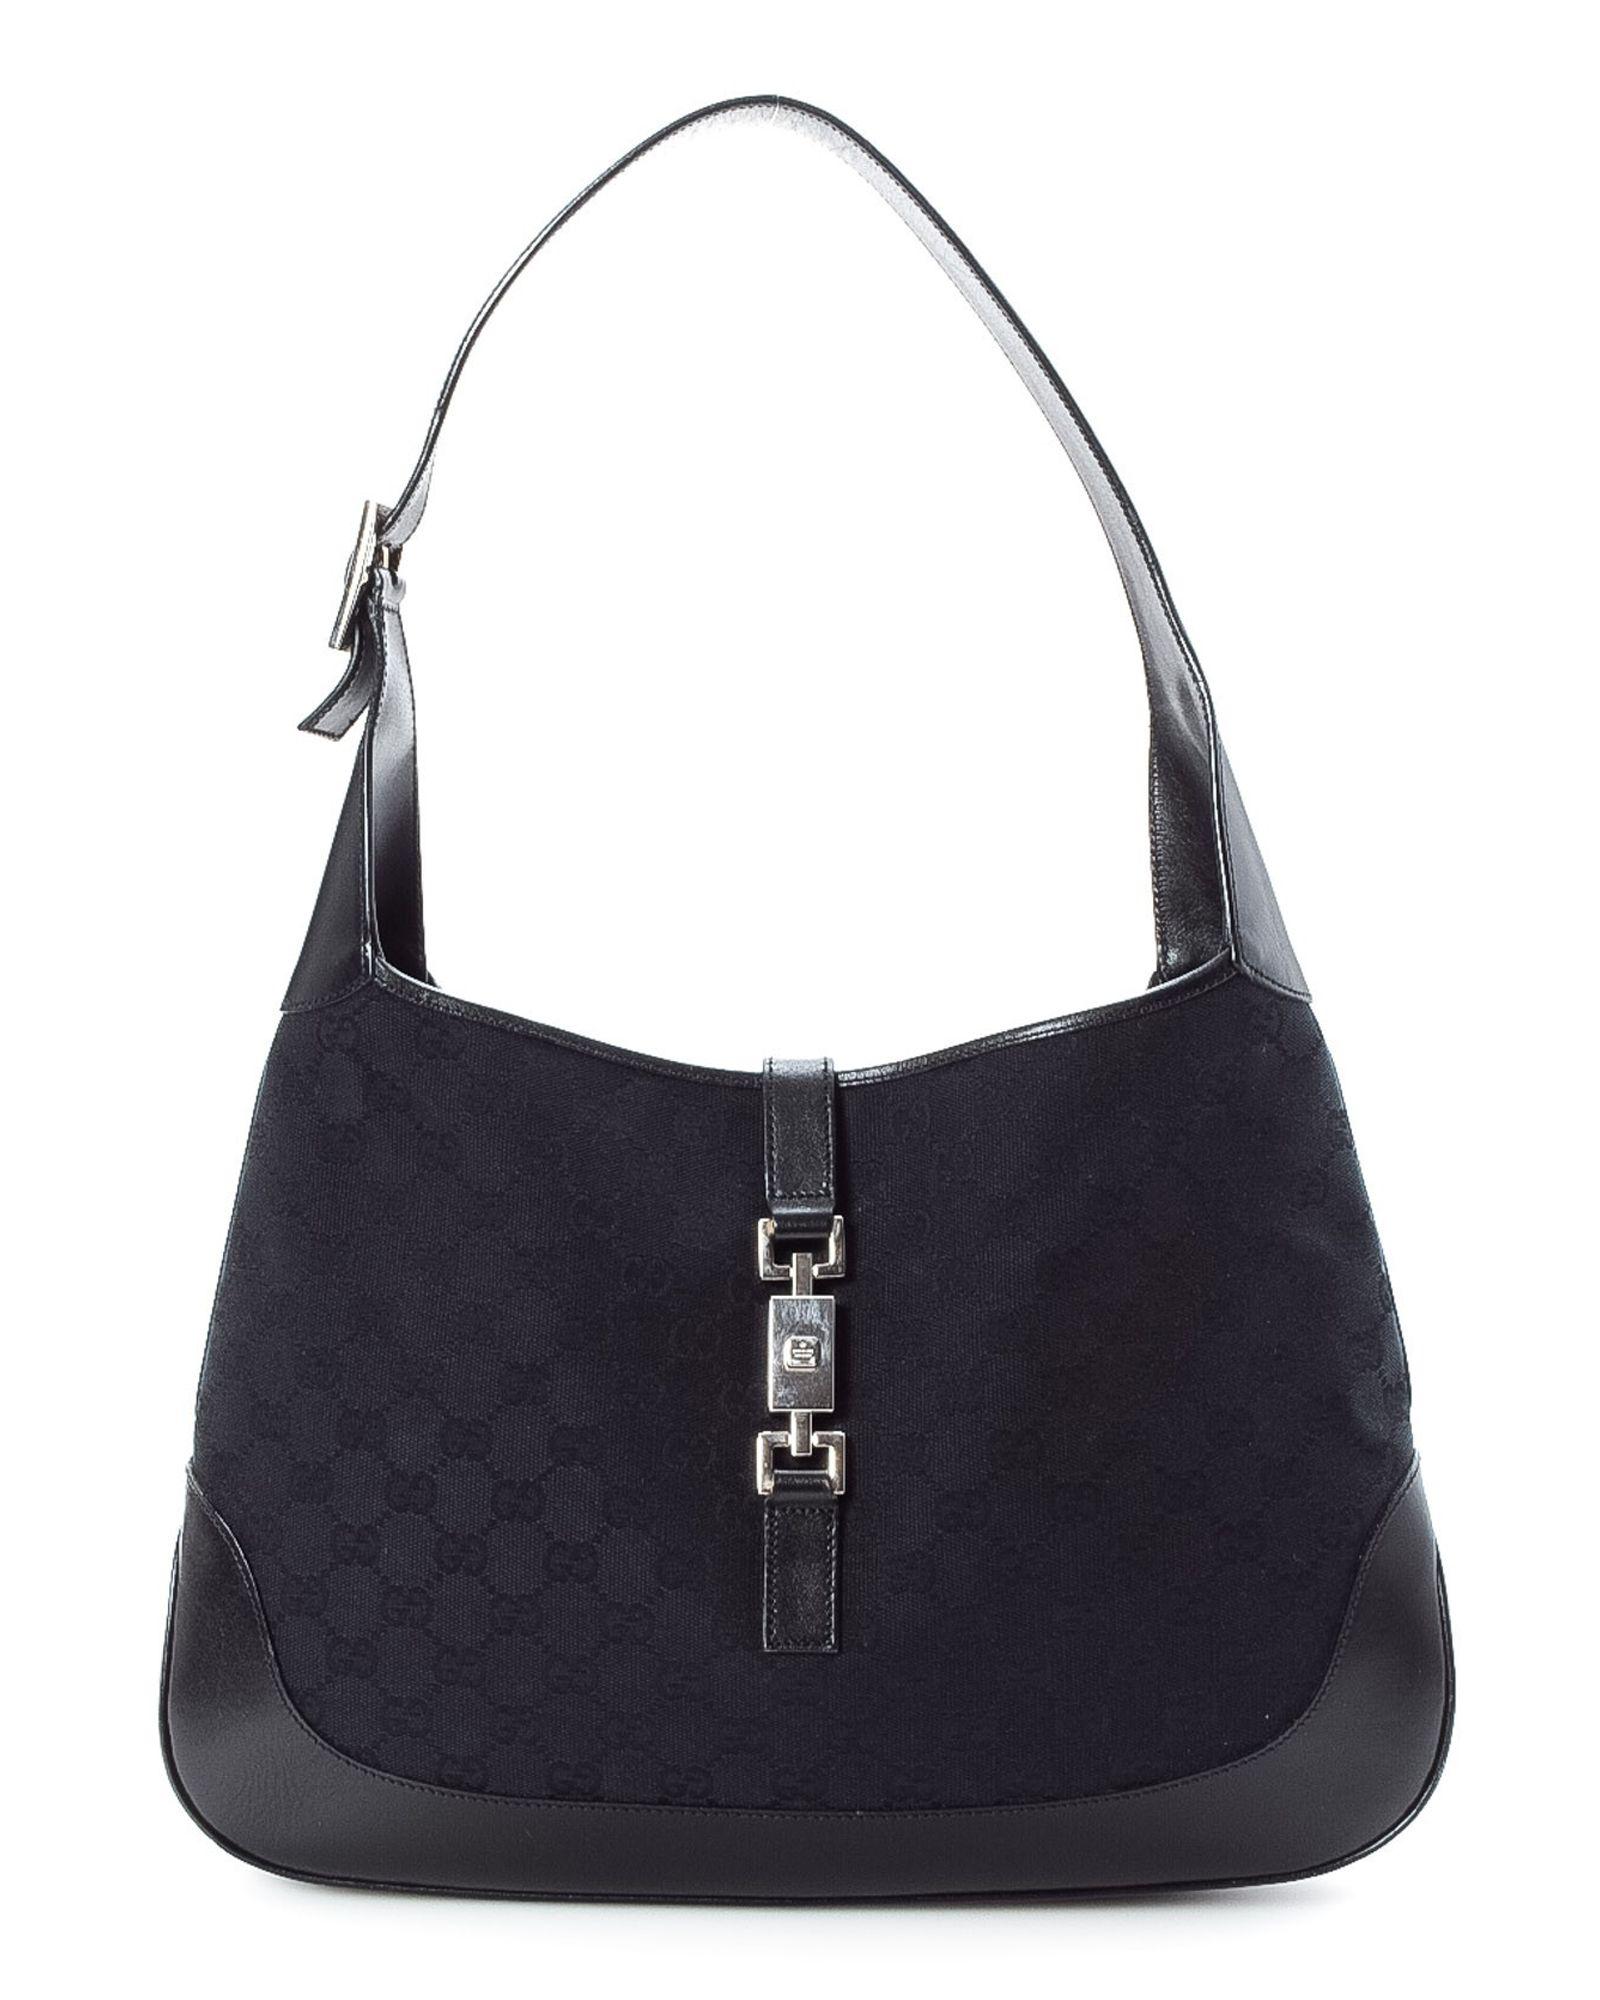 Gucci Shoulder Bag - Vintage